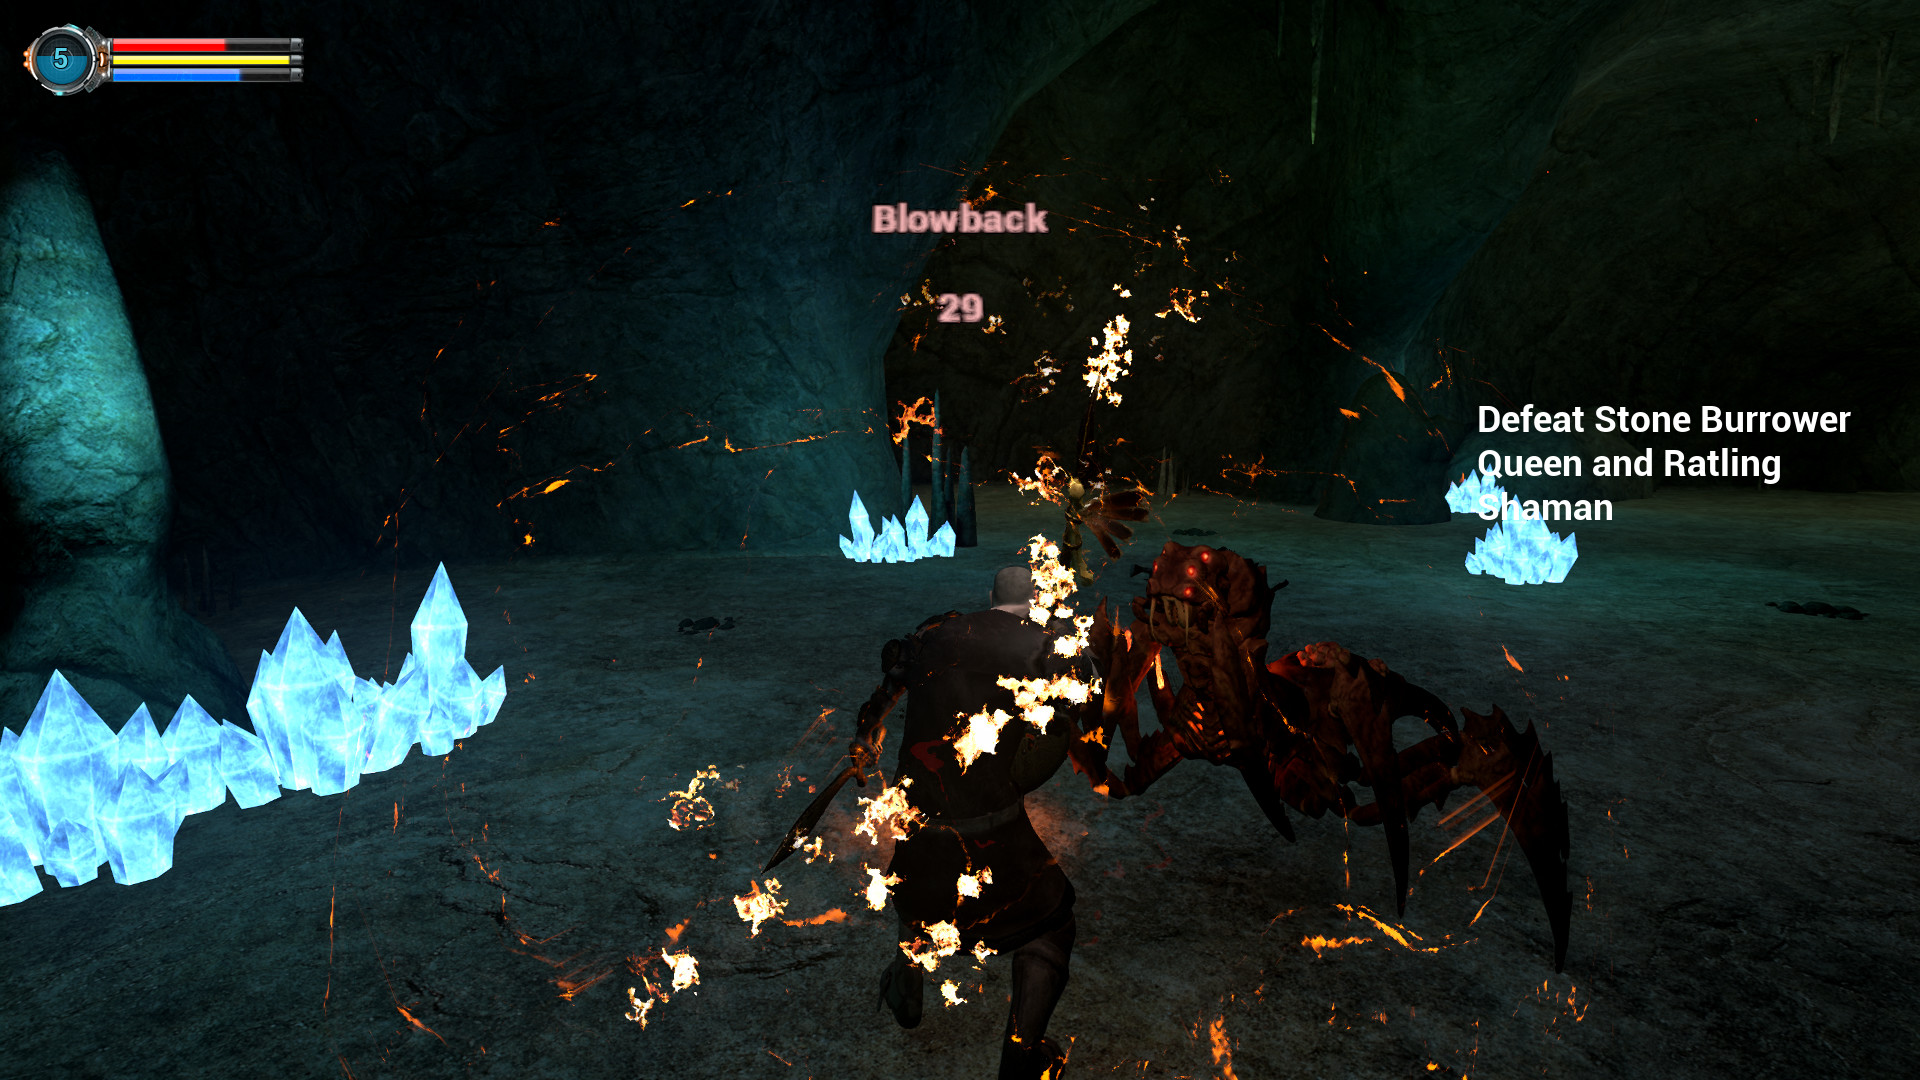 com.steam.595090-screenshot